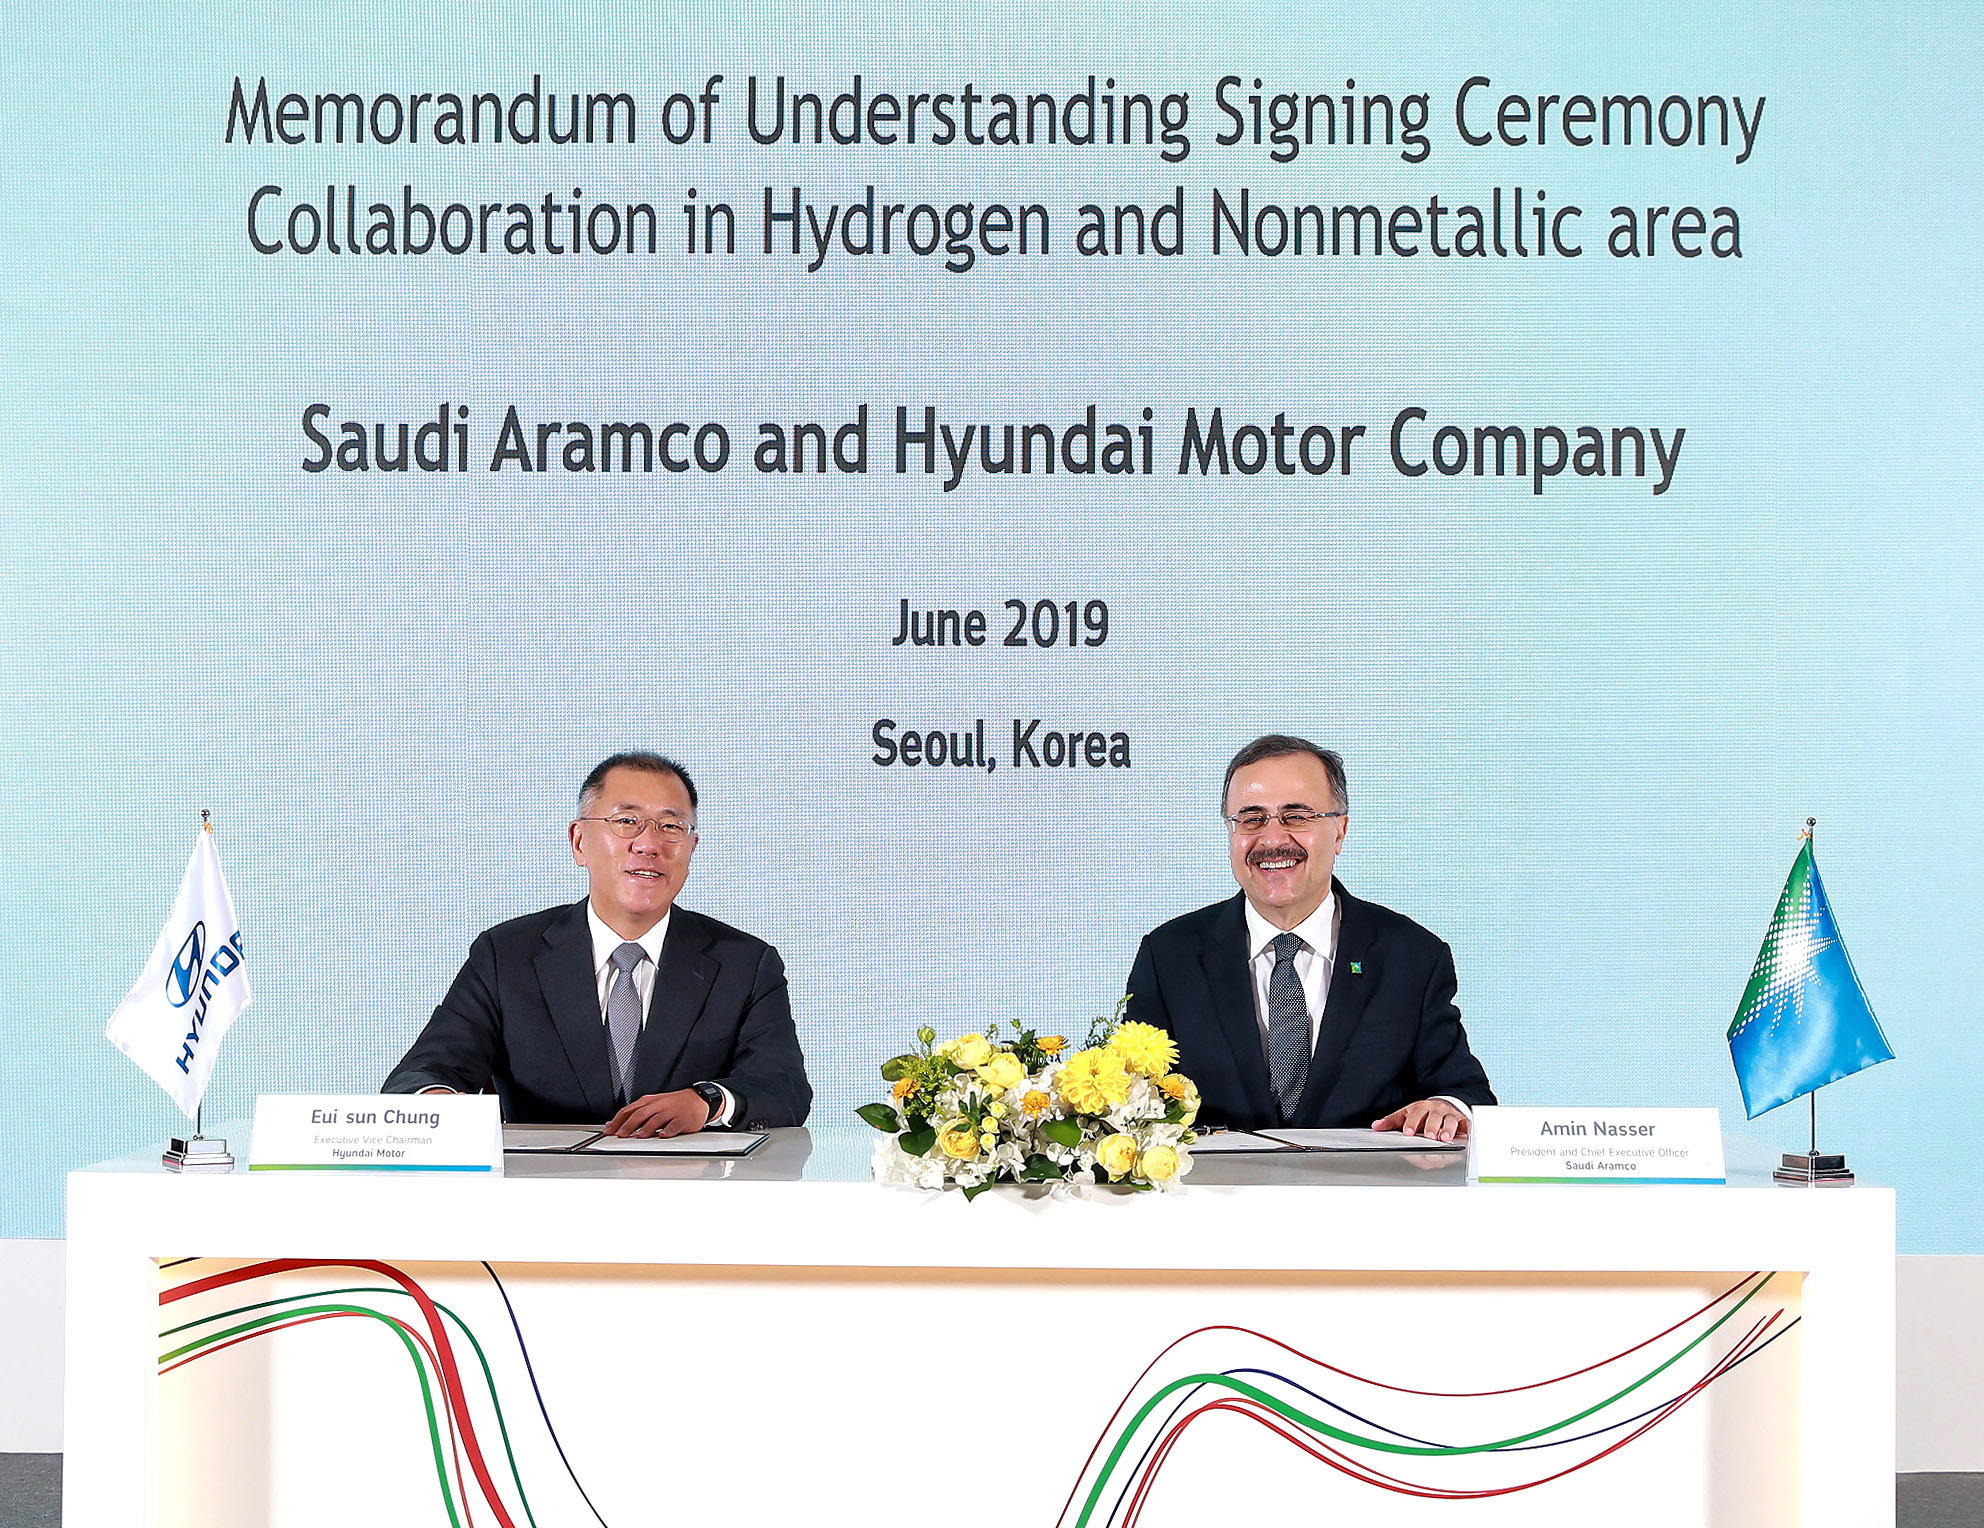 Hyundai e Saudi Aramco assinam protocolo de colaboração